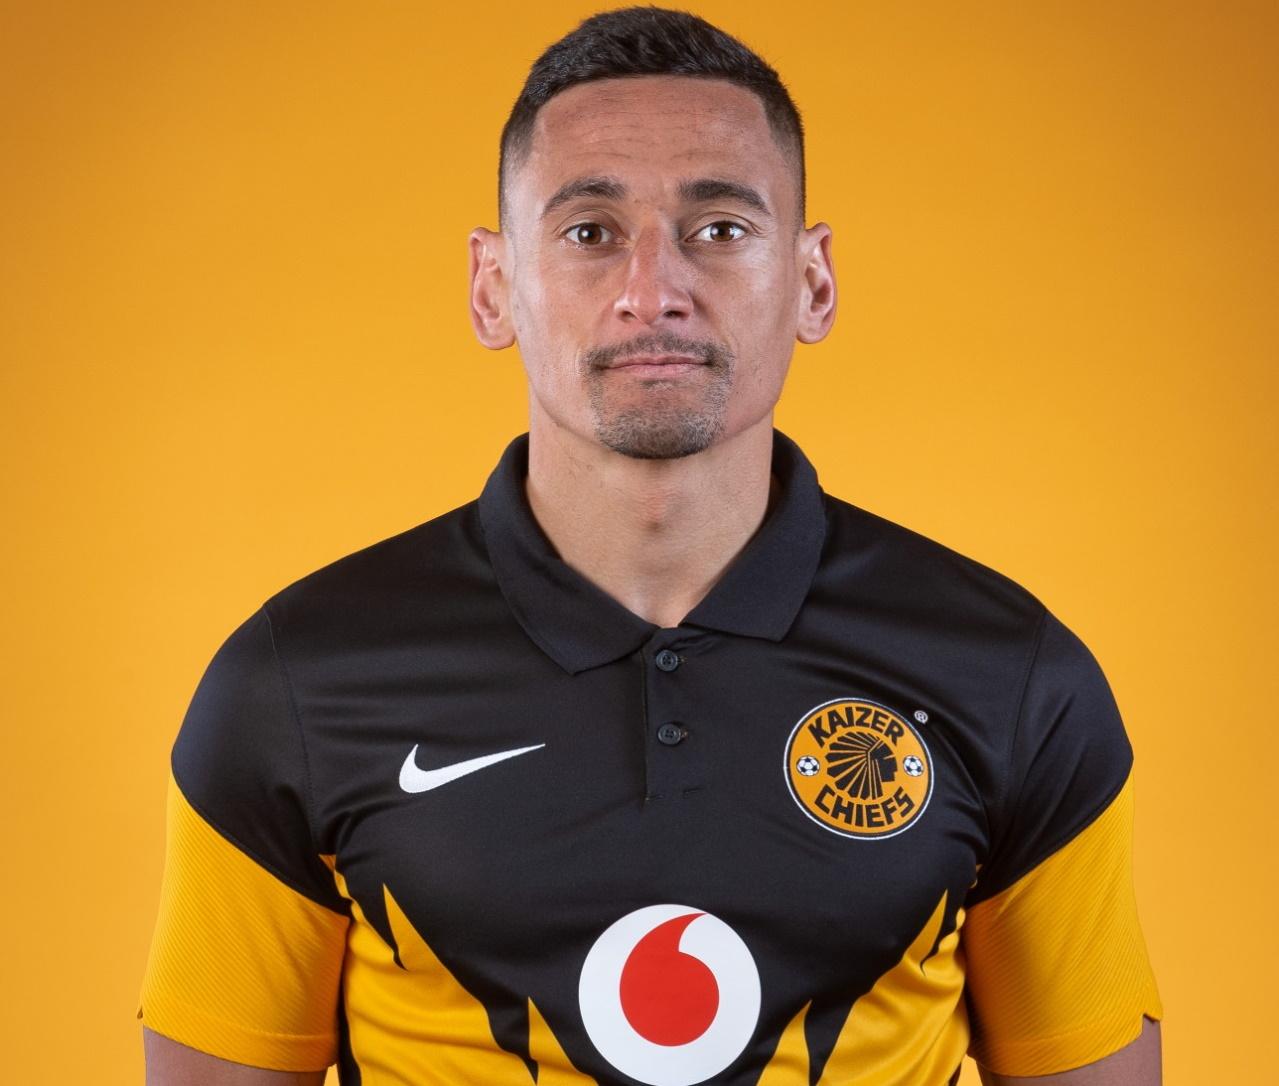 Kaizer Chiefs midfielder Cole Alexander